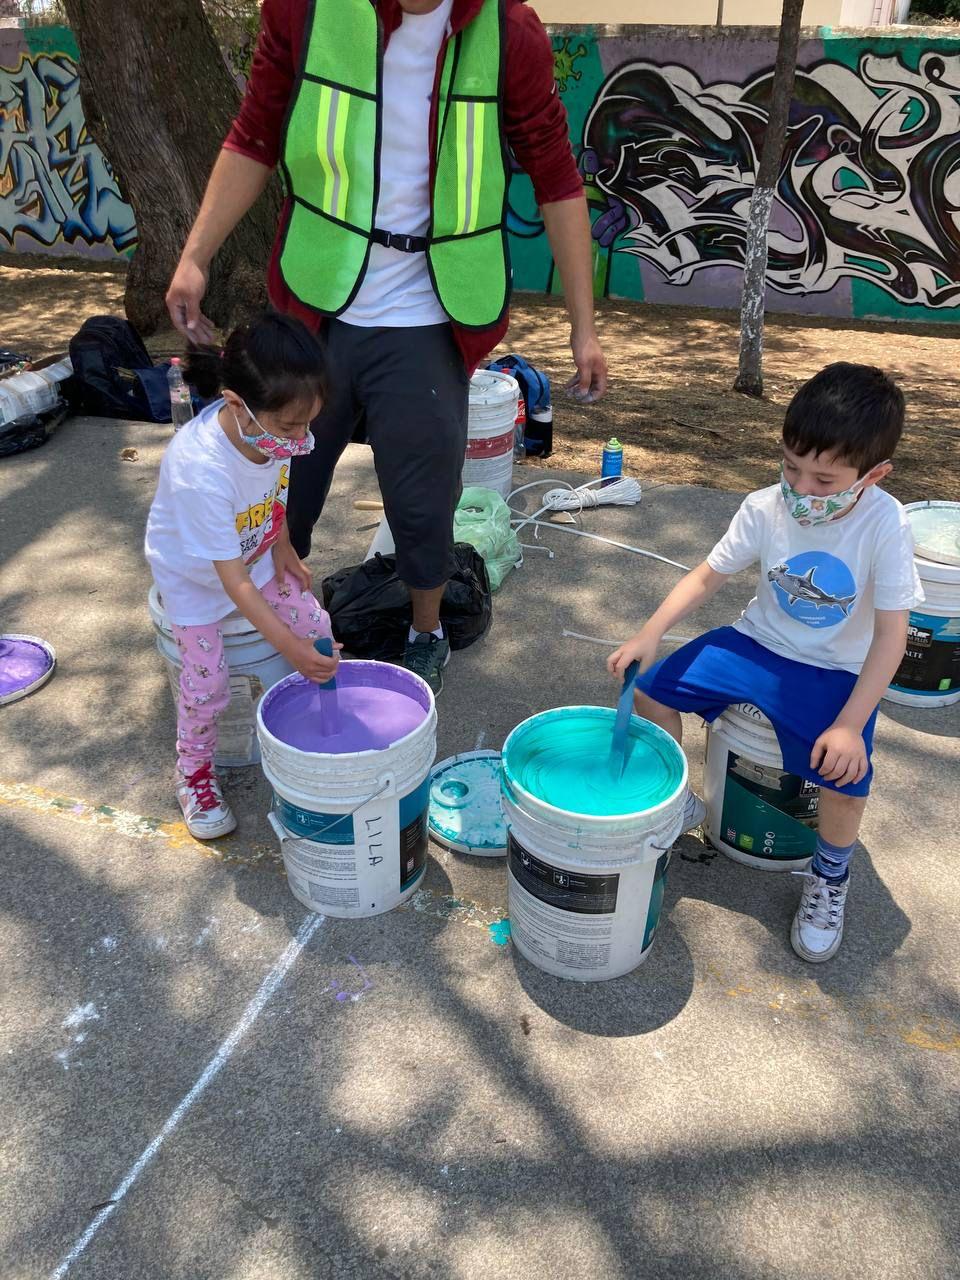 Para la rehabilitación del Parque Valle de México en Cuautitlán Izcalli, los vecinos más jóvenes se involucraron para pintar su cancha y señaléticas que invitan a cuidar su lugar.